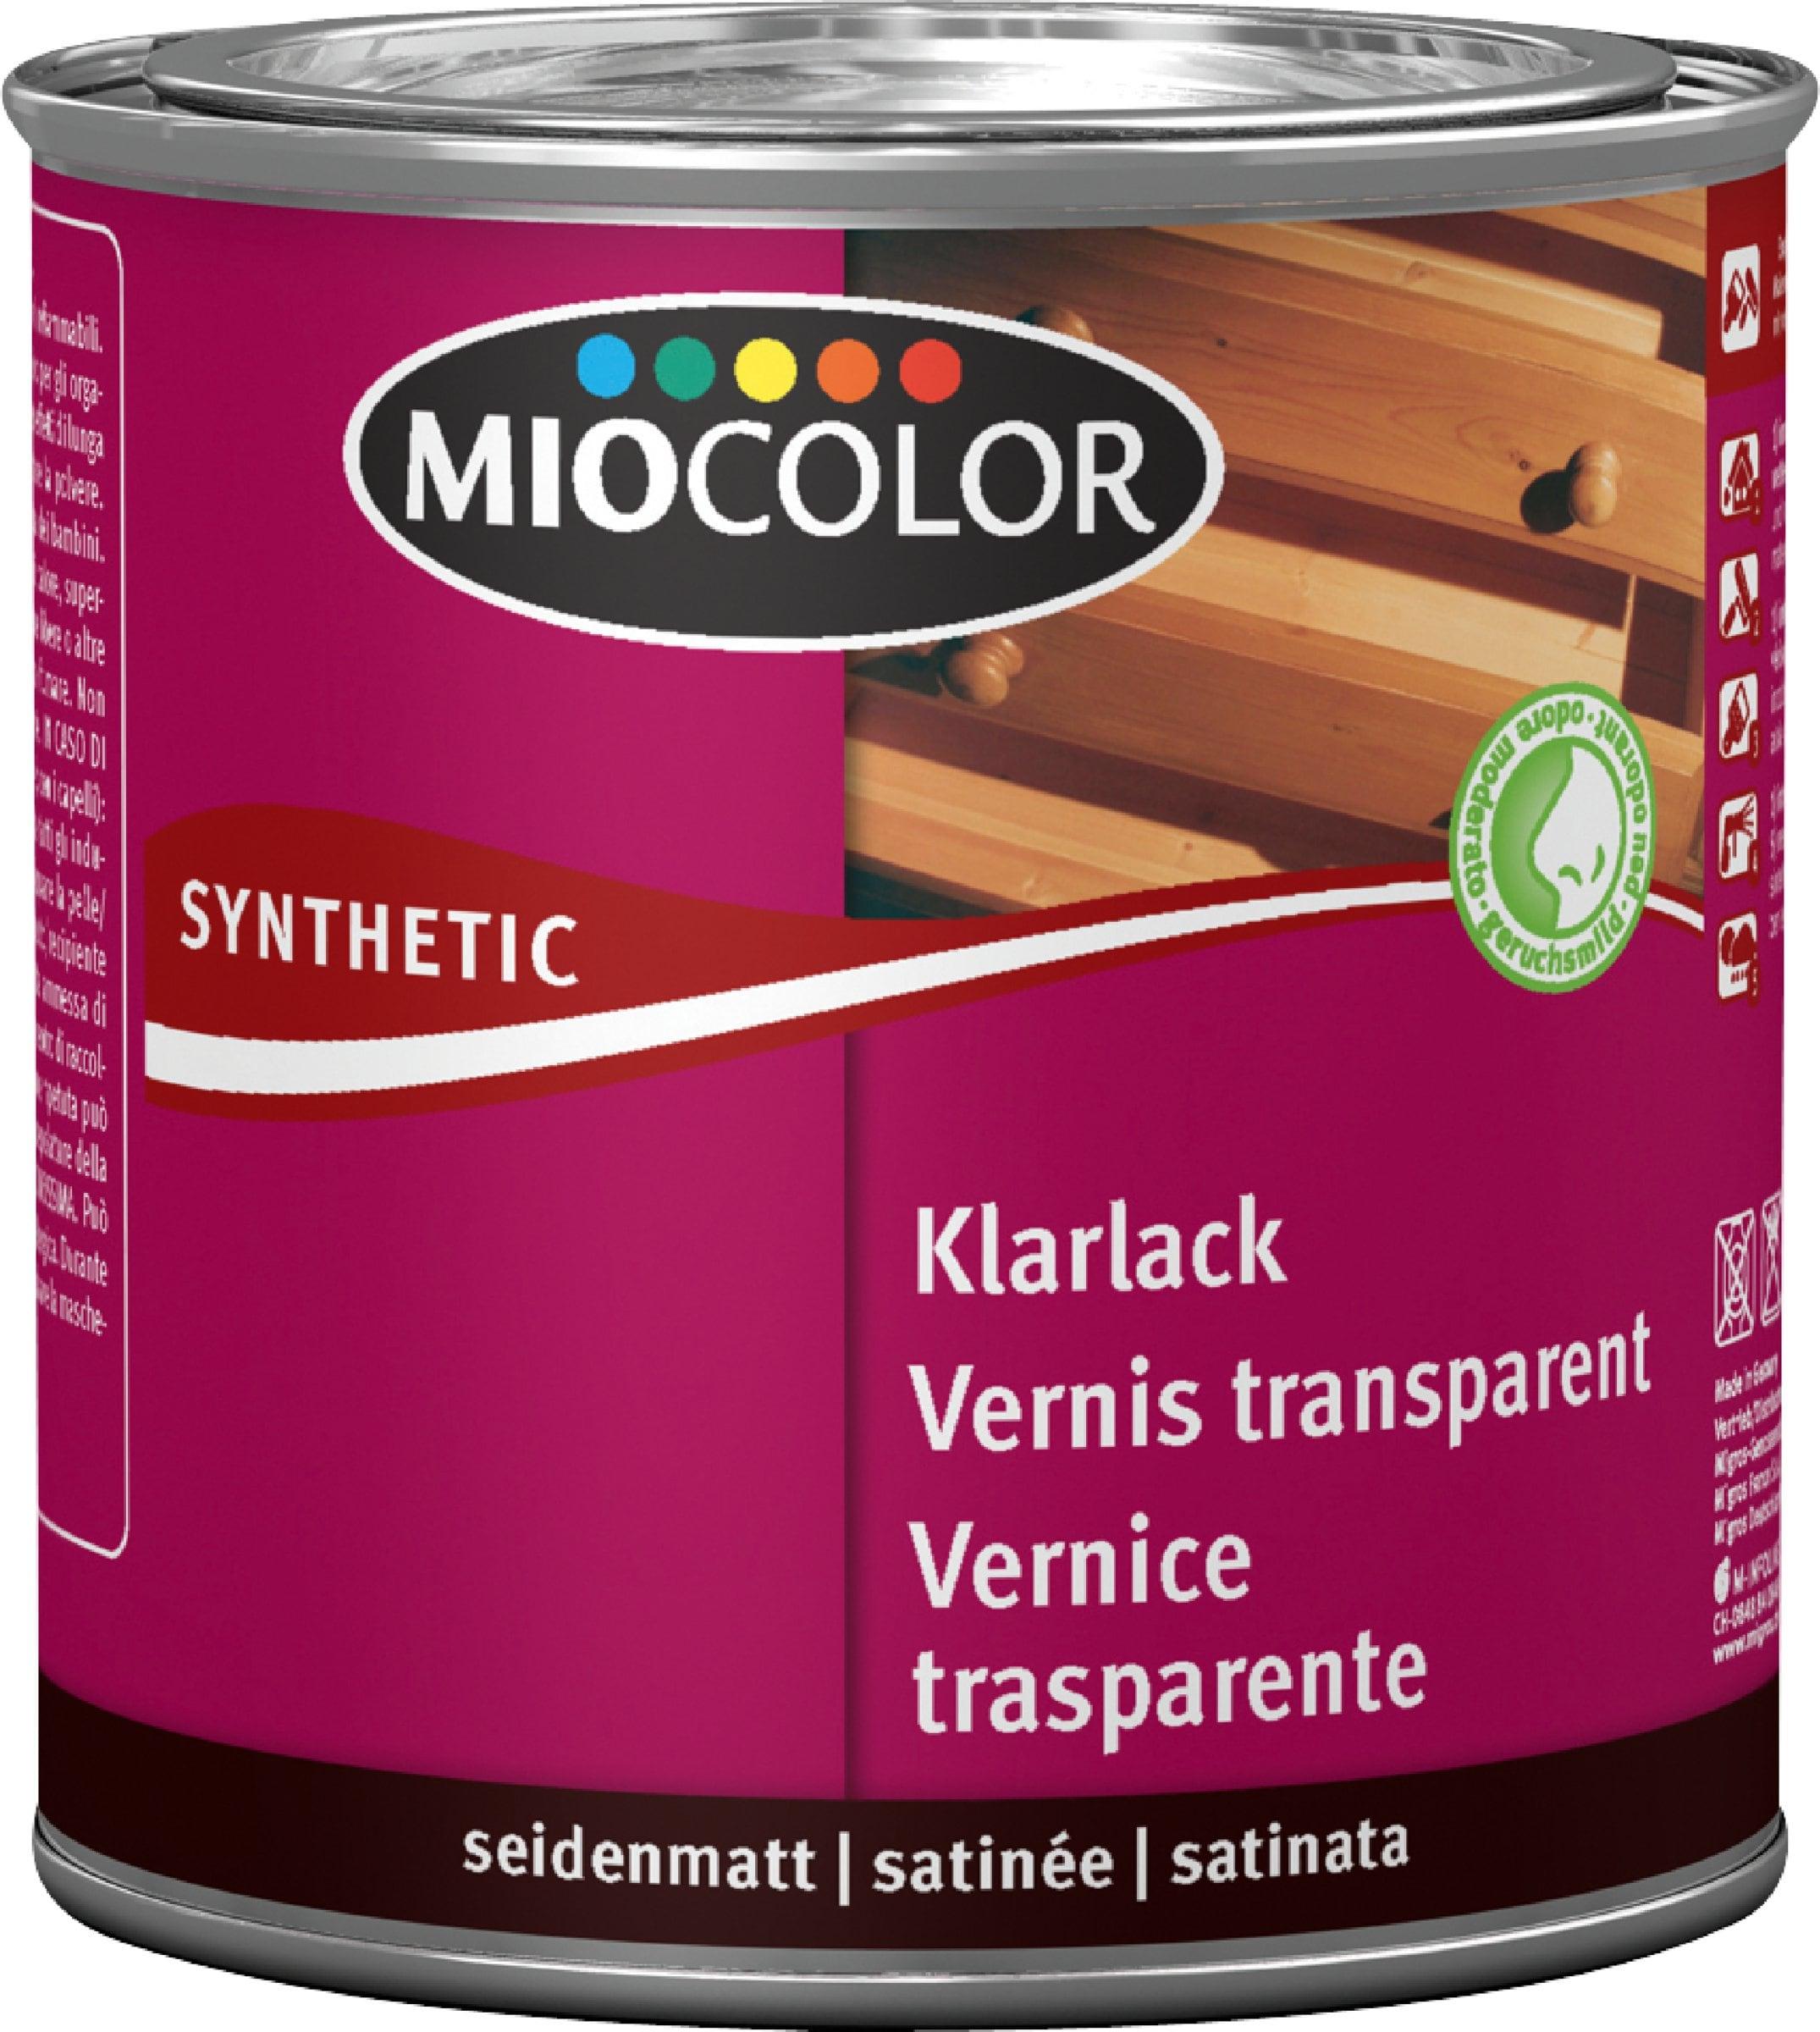 Pittura Resistente Ai Graffi miocolor vernice trasparente sintetica satinata incolore 375 ml